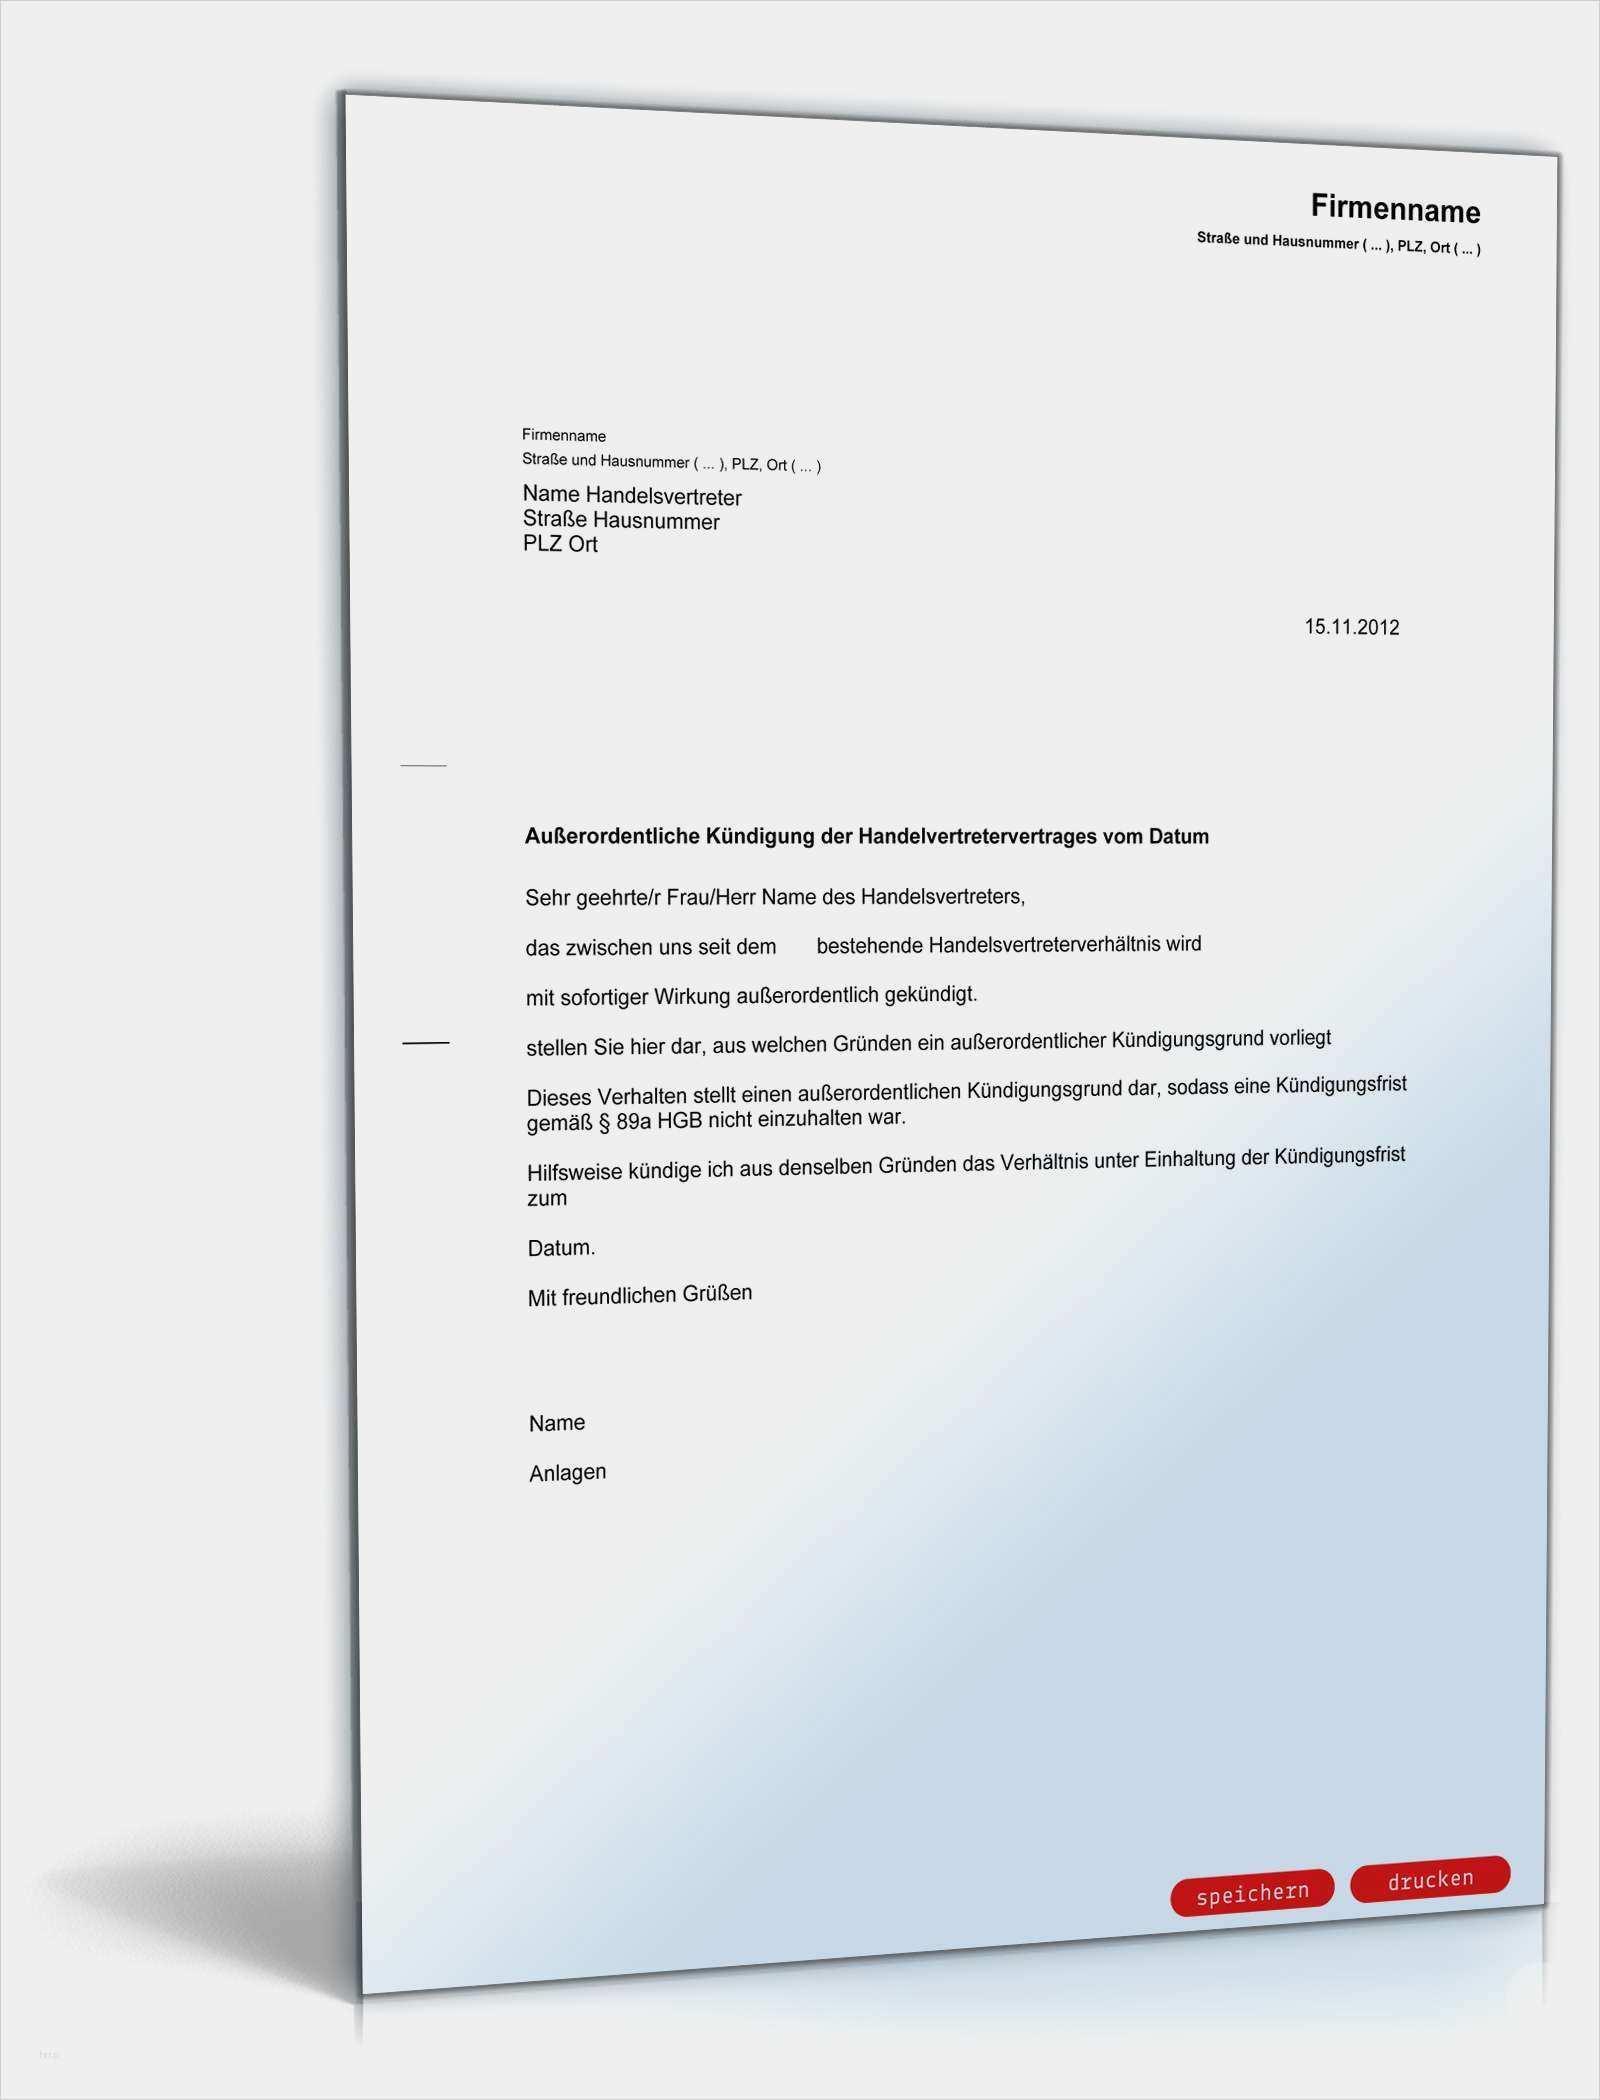 30 Wunderbar Kundigung Fur Handyvertrag Vorlage Bilder Vorlagen Lebenslauf Layout Briefkopf Vorlage